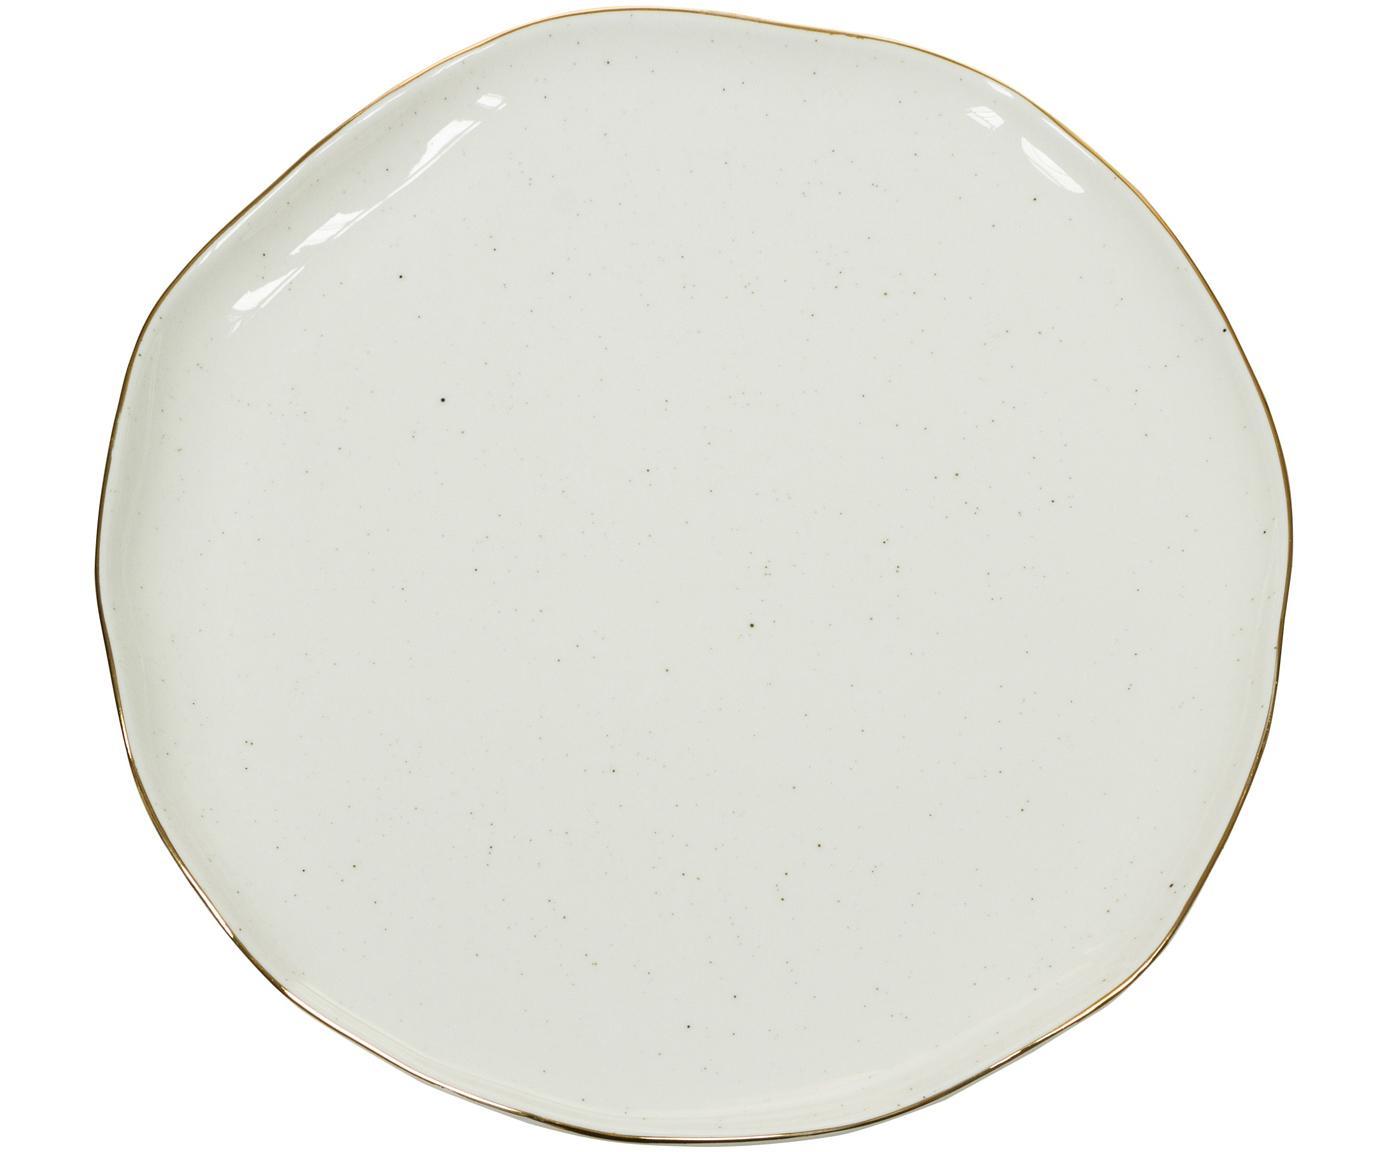 Handgemachte Speiseteller Bol mit Goldrand, 2 Stück, Porzellan, Cremeweiß, Ø 26 x H 3 cm